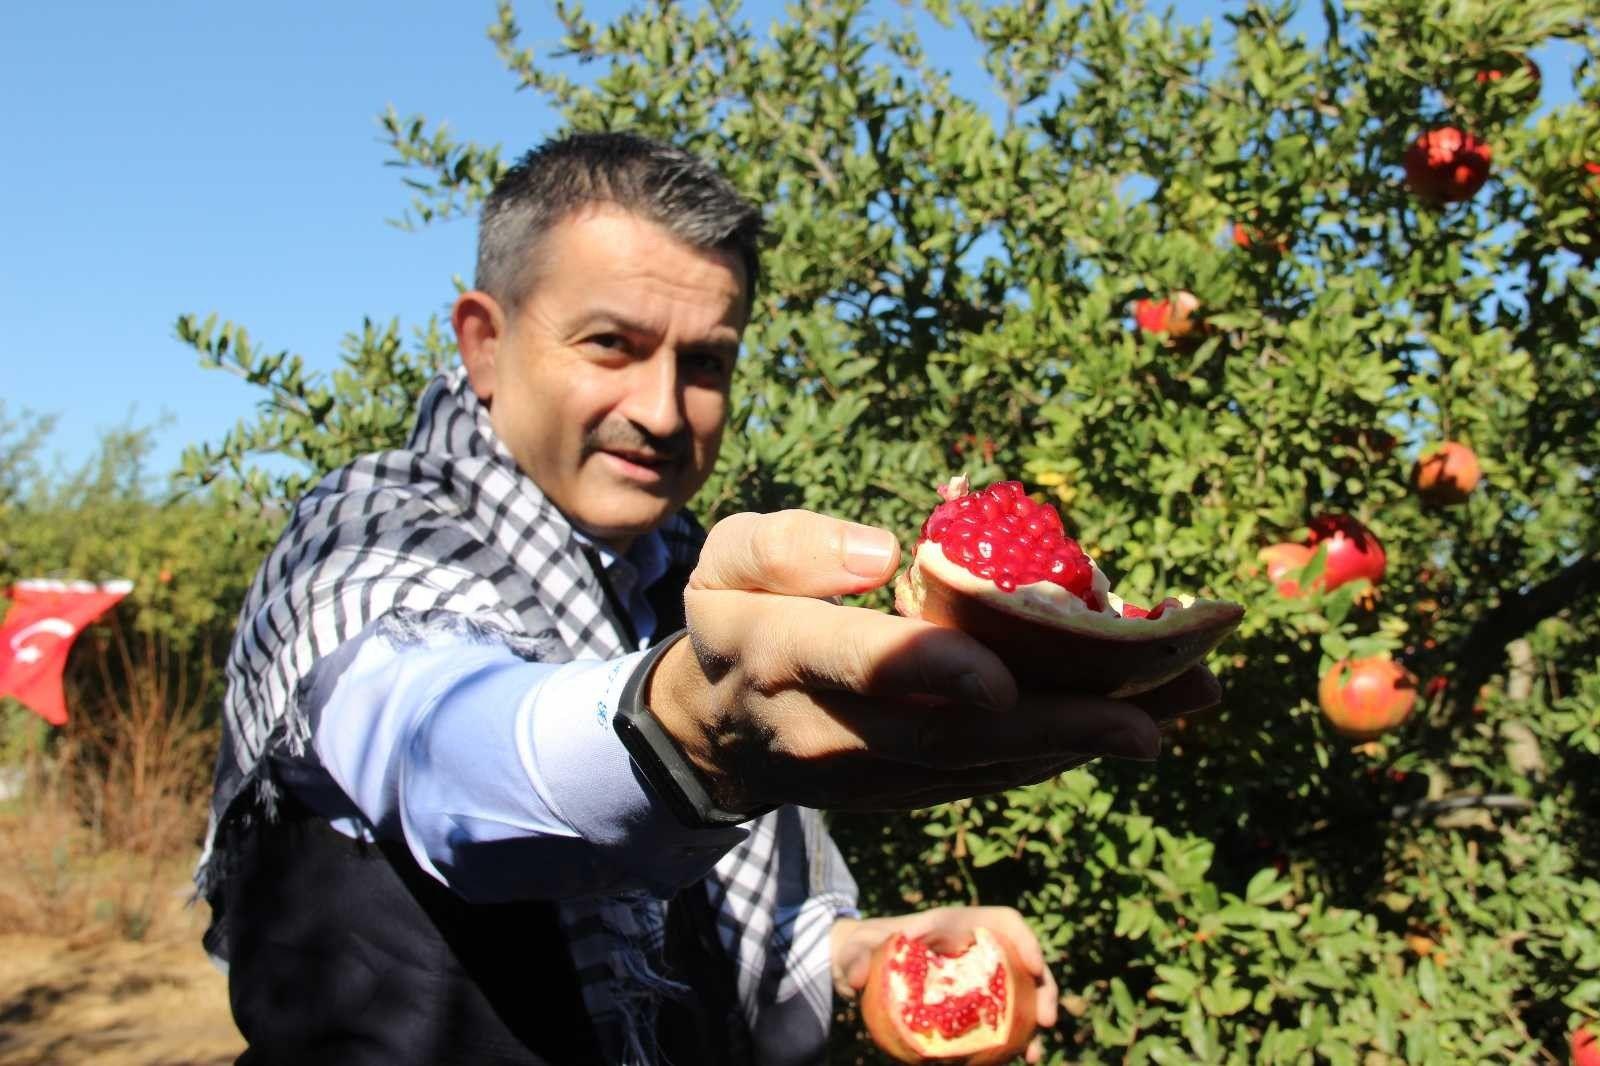 2021/09/akdeniz-meyve-sinegine-karsi-kisir-bocek-salimi-20210924AW42-4.jpg